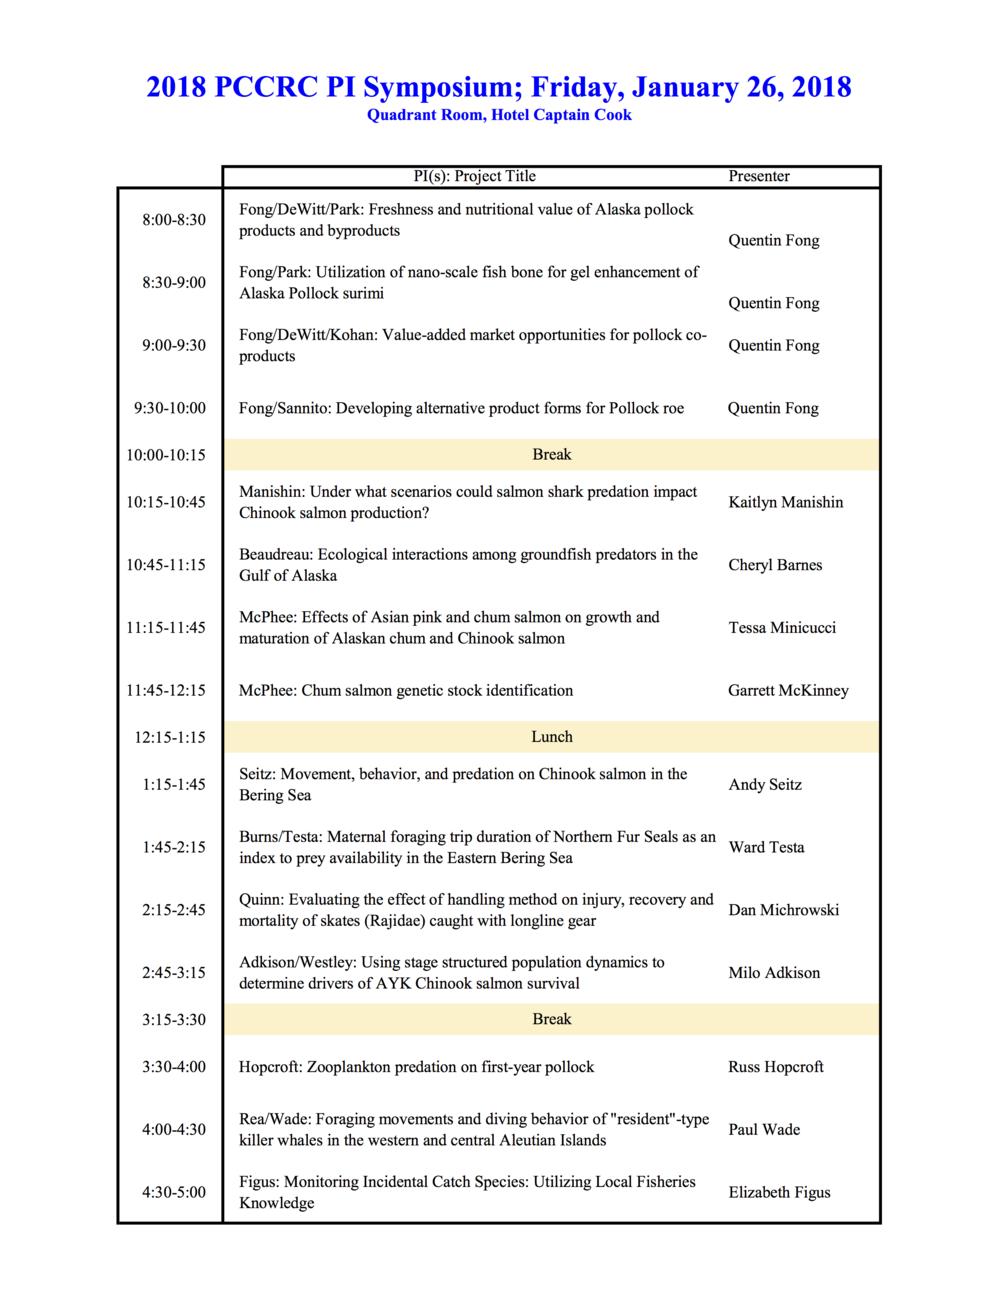 2018 PCCRC PI Symposium.png